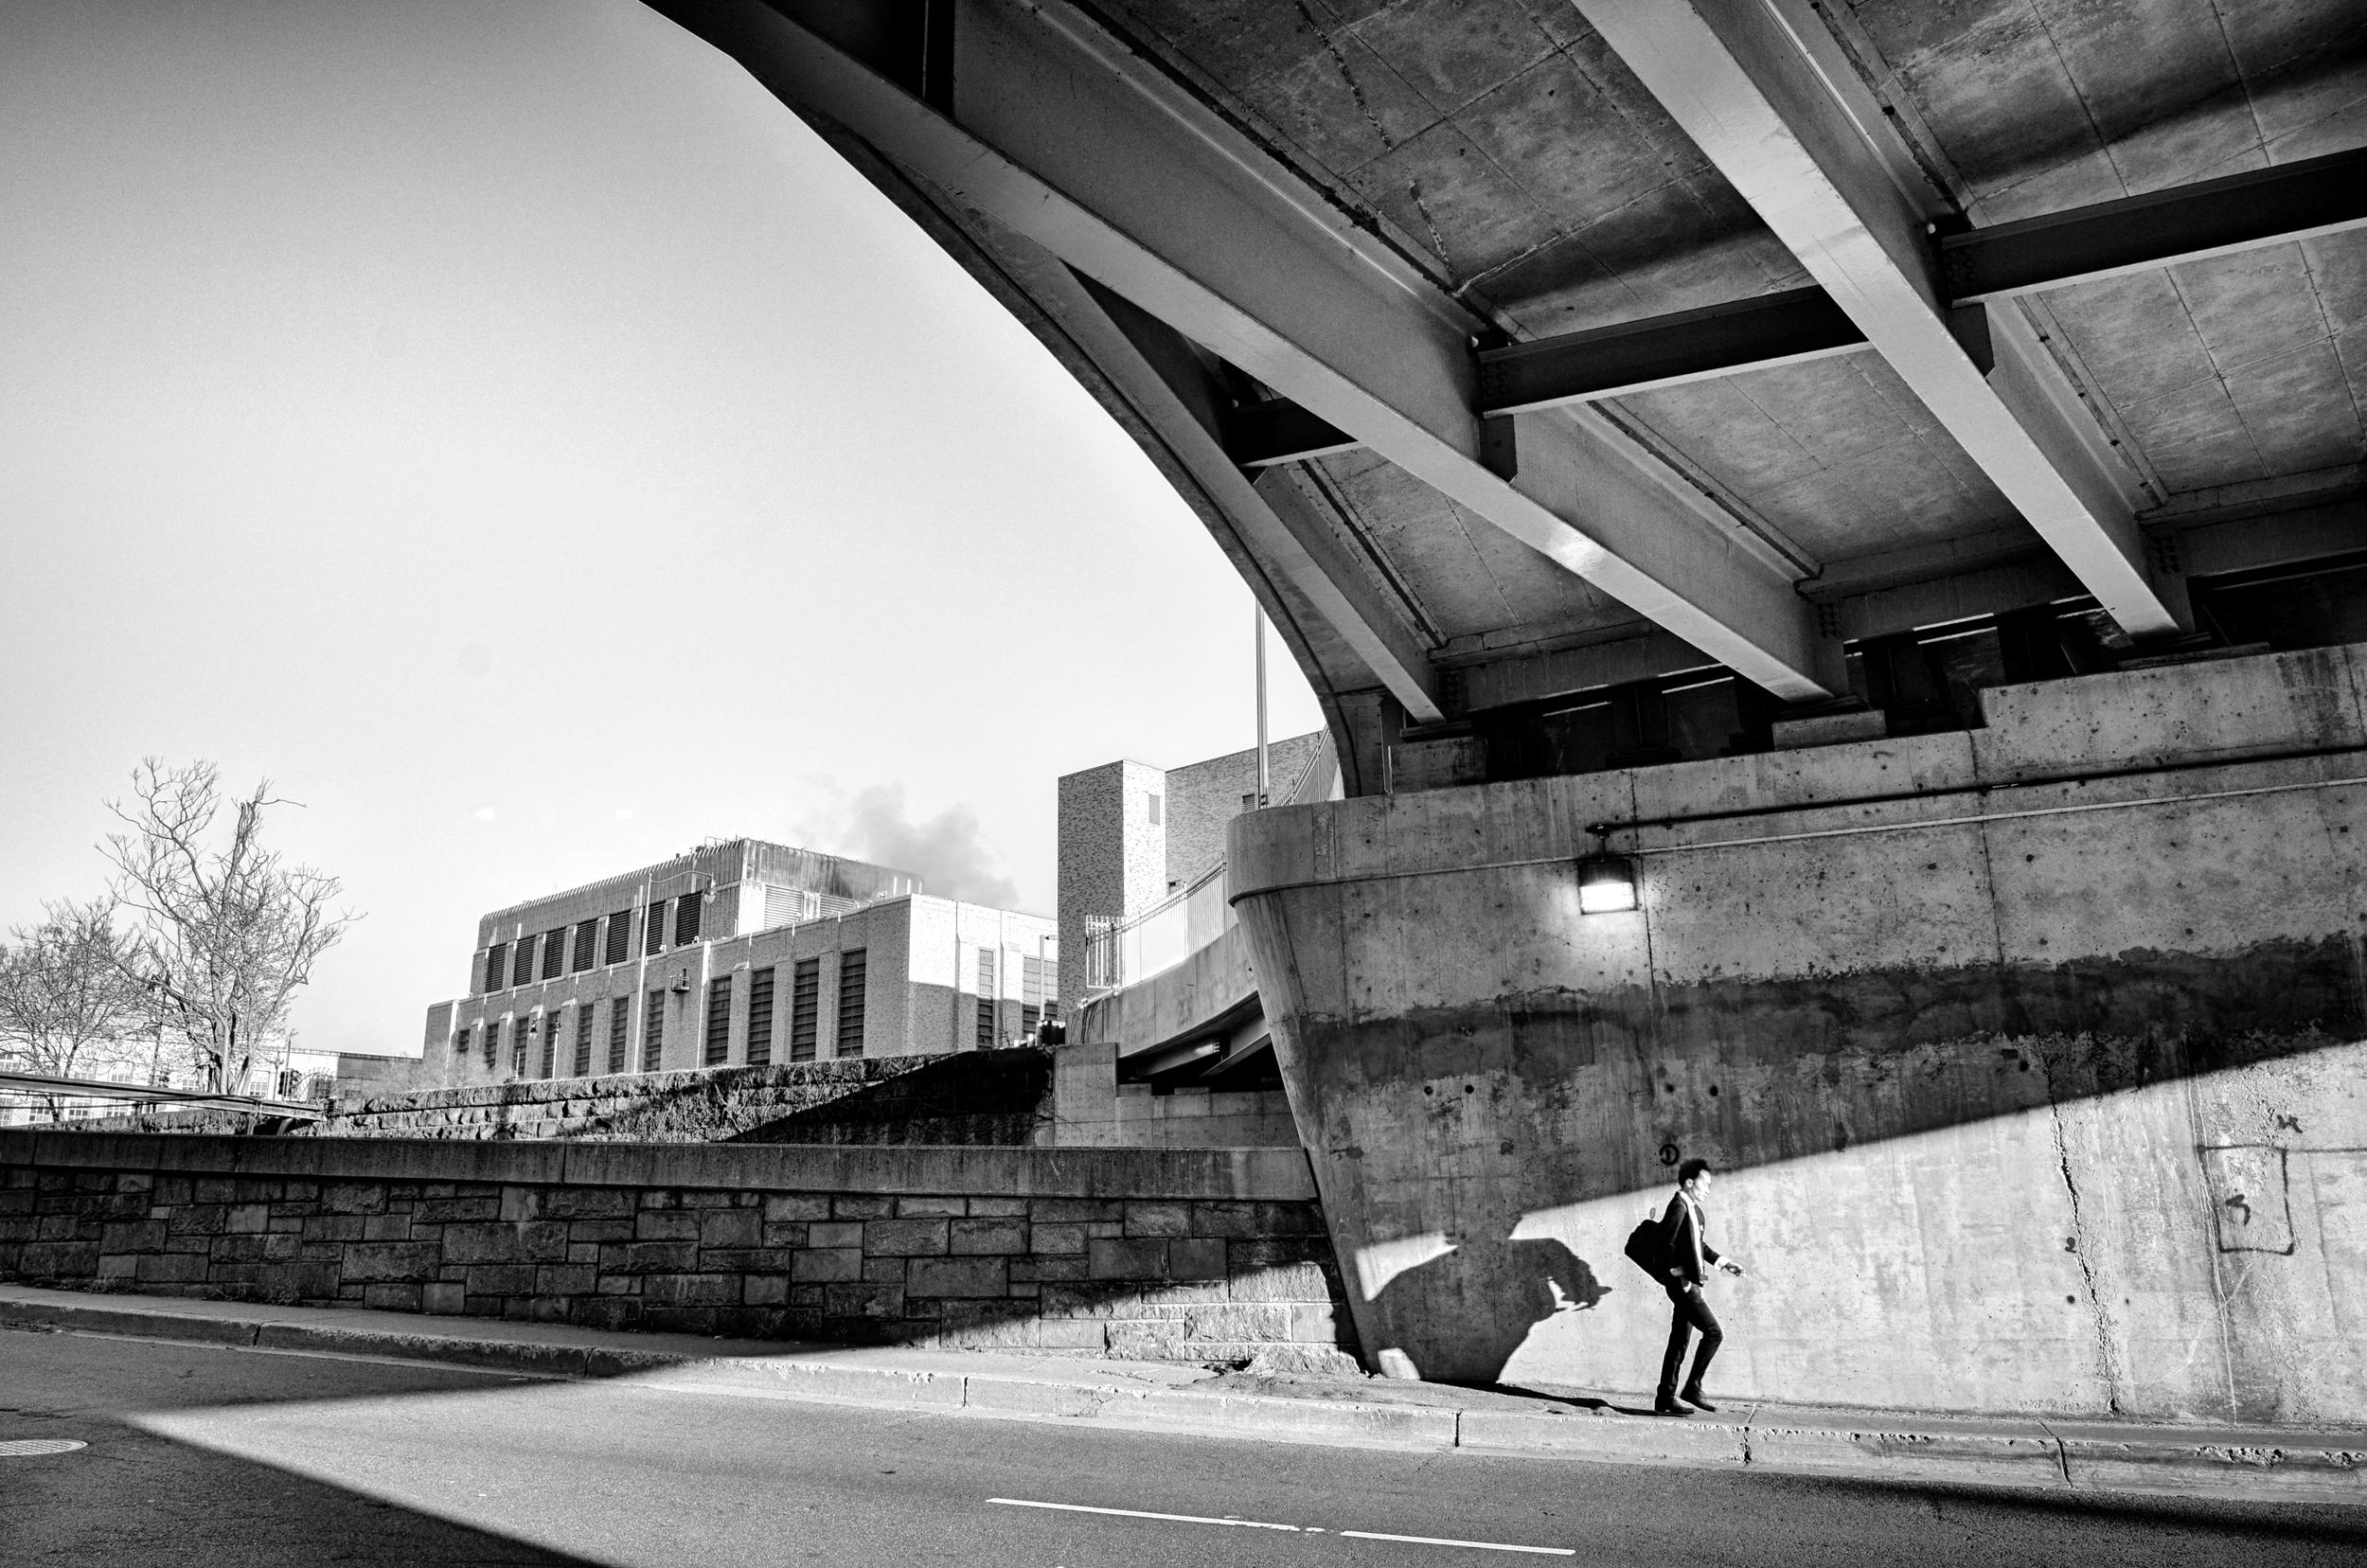 12th Street Expressway - Washington, DC